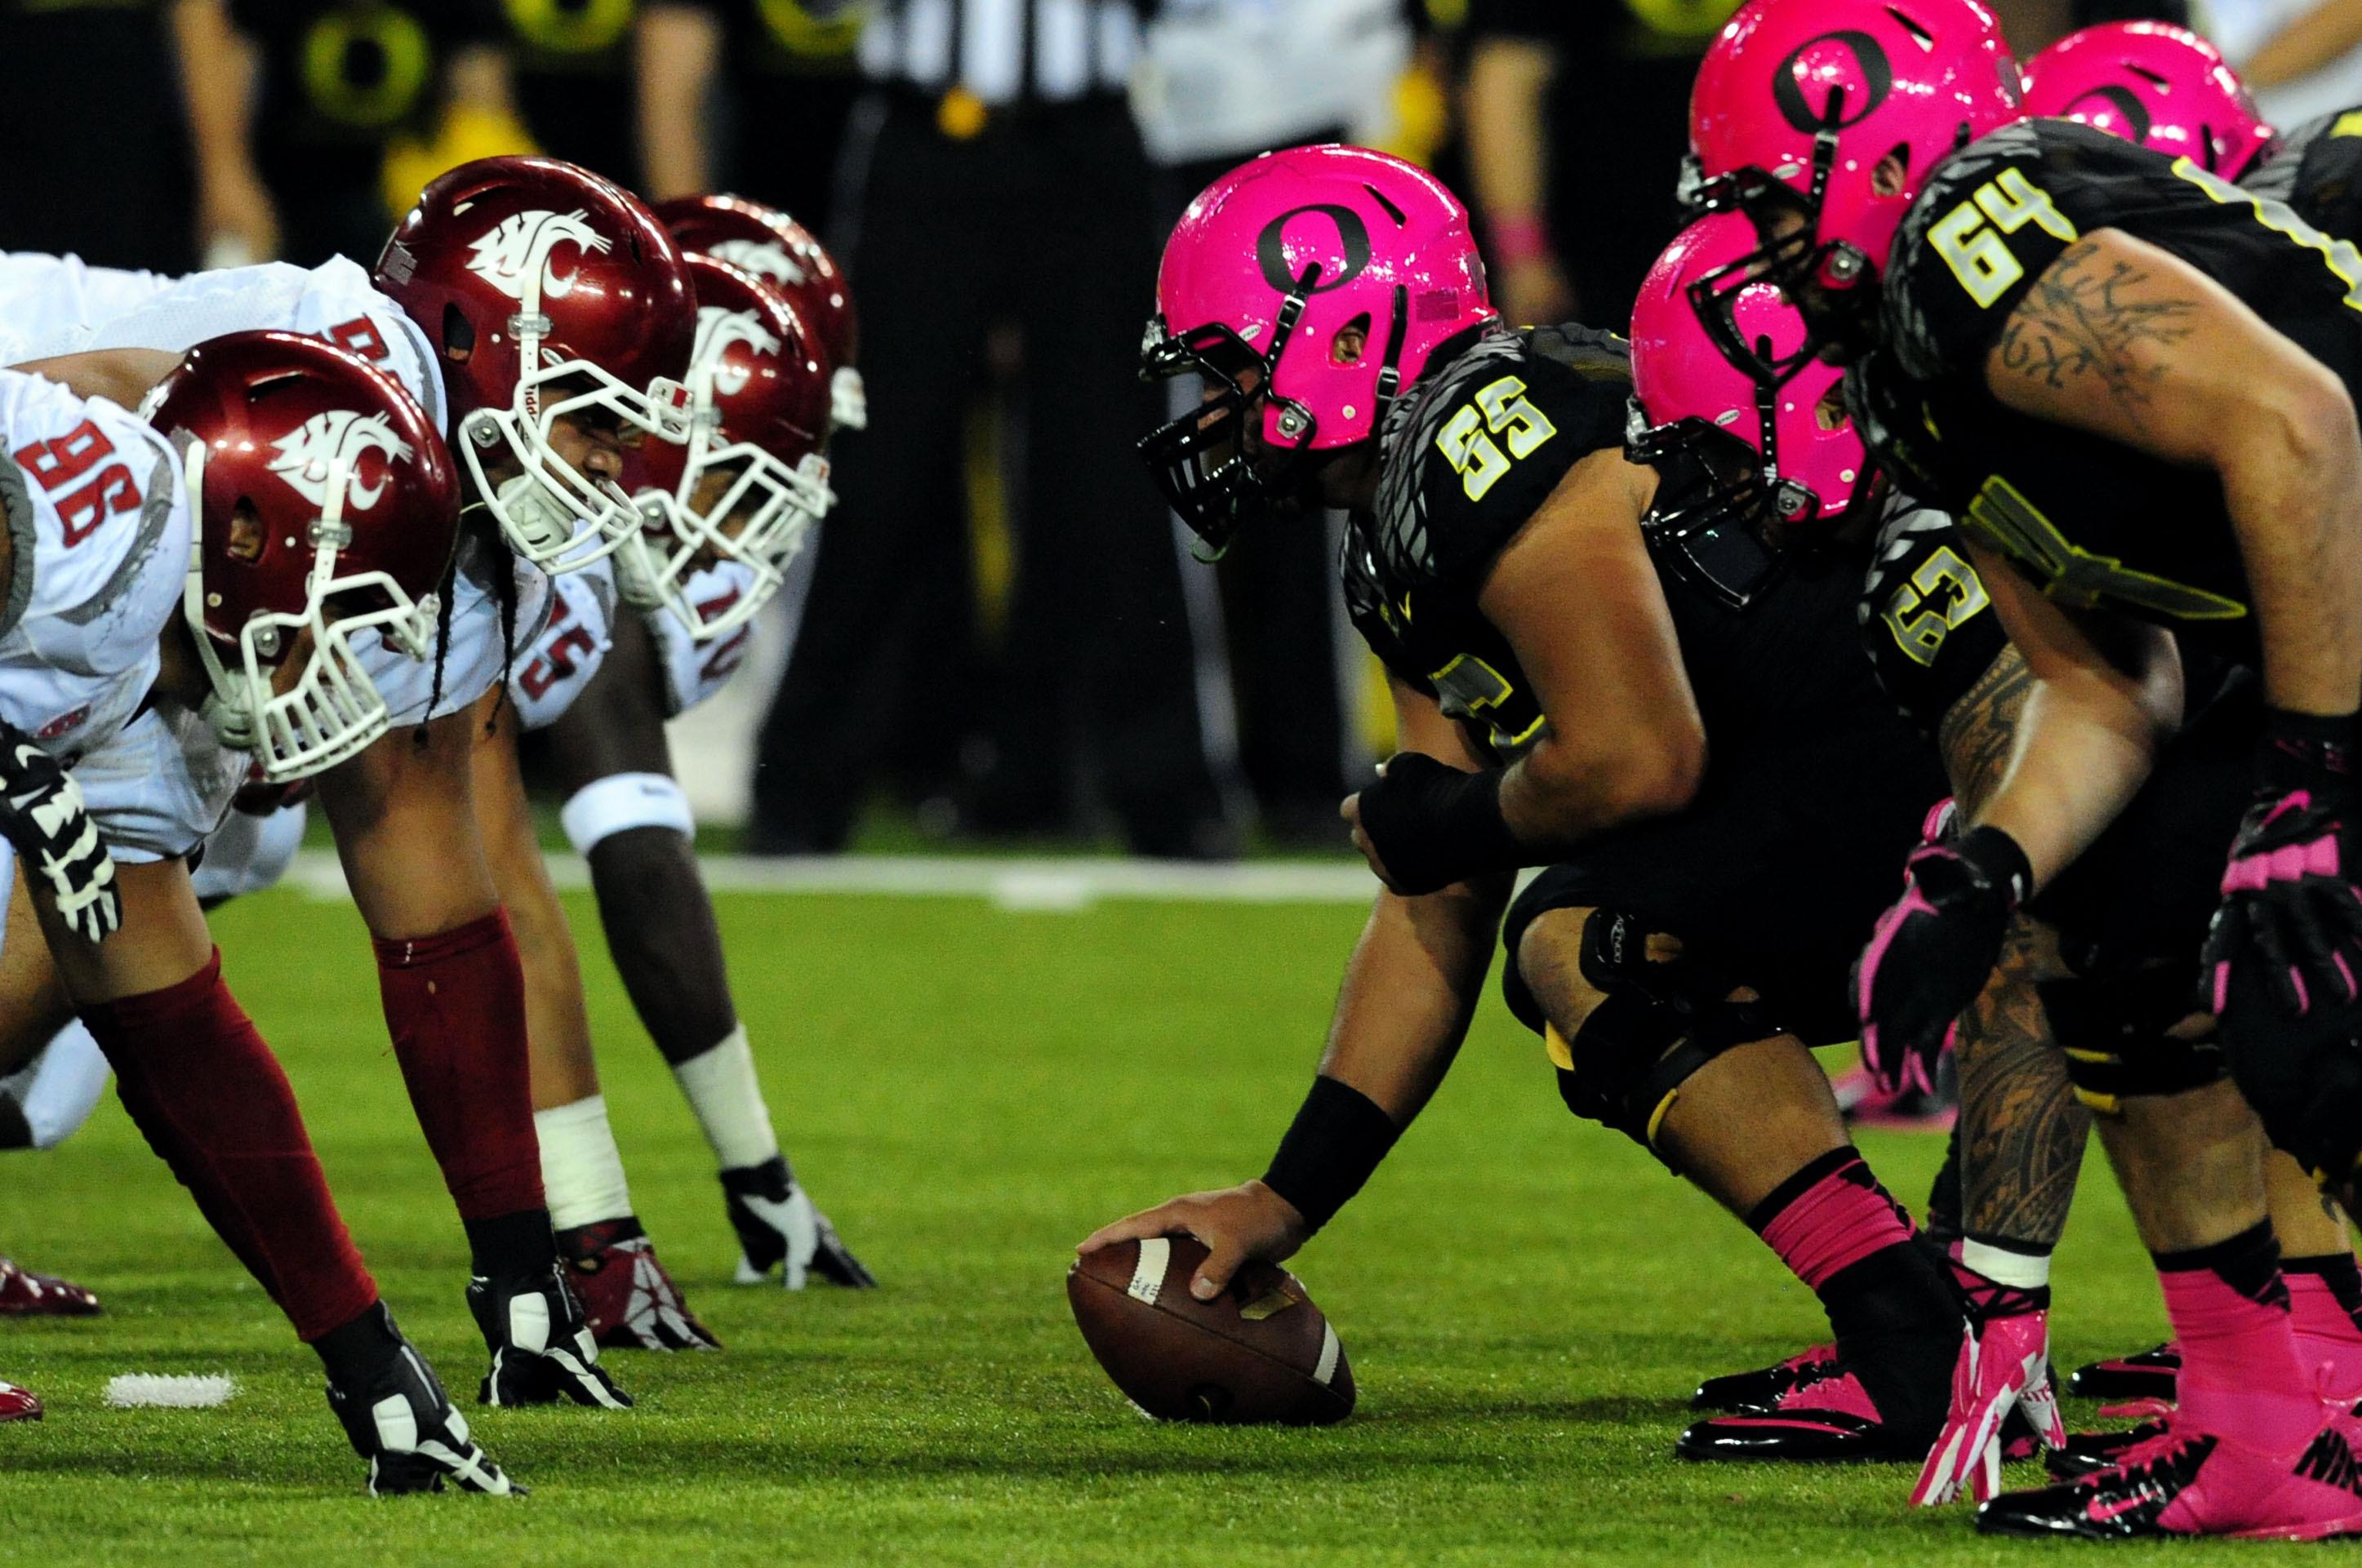 Oregon Ducks Football Helmets 2014 10 College Football Te...